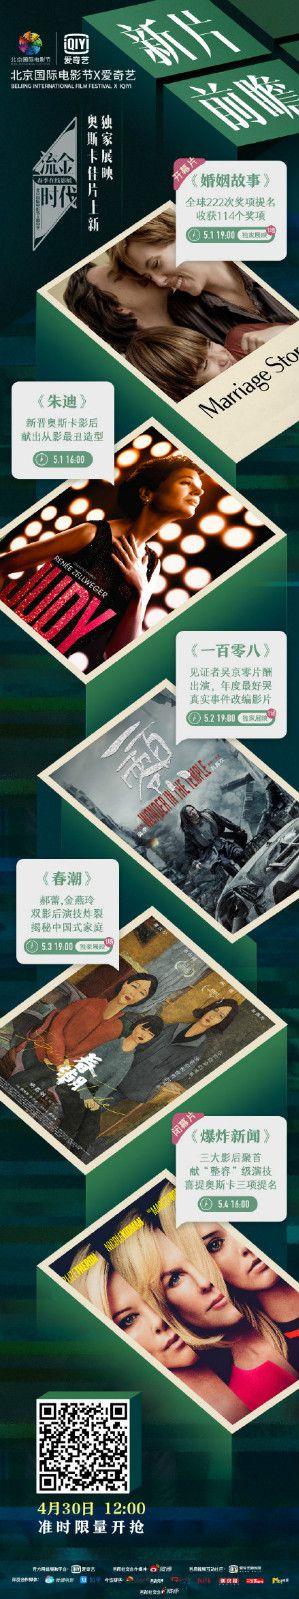 北影节线上影展片单揭晓《婚姻故事》《朱迪》等在列